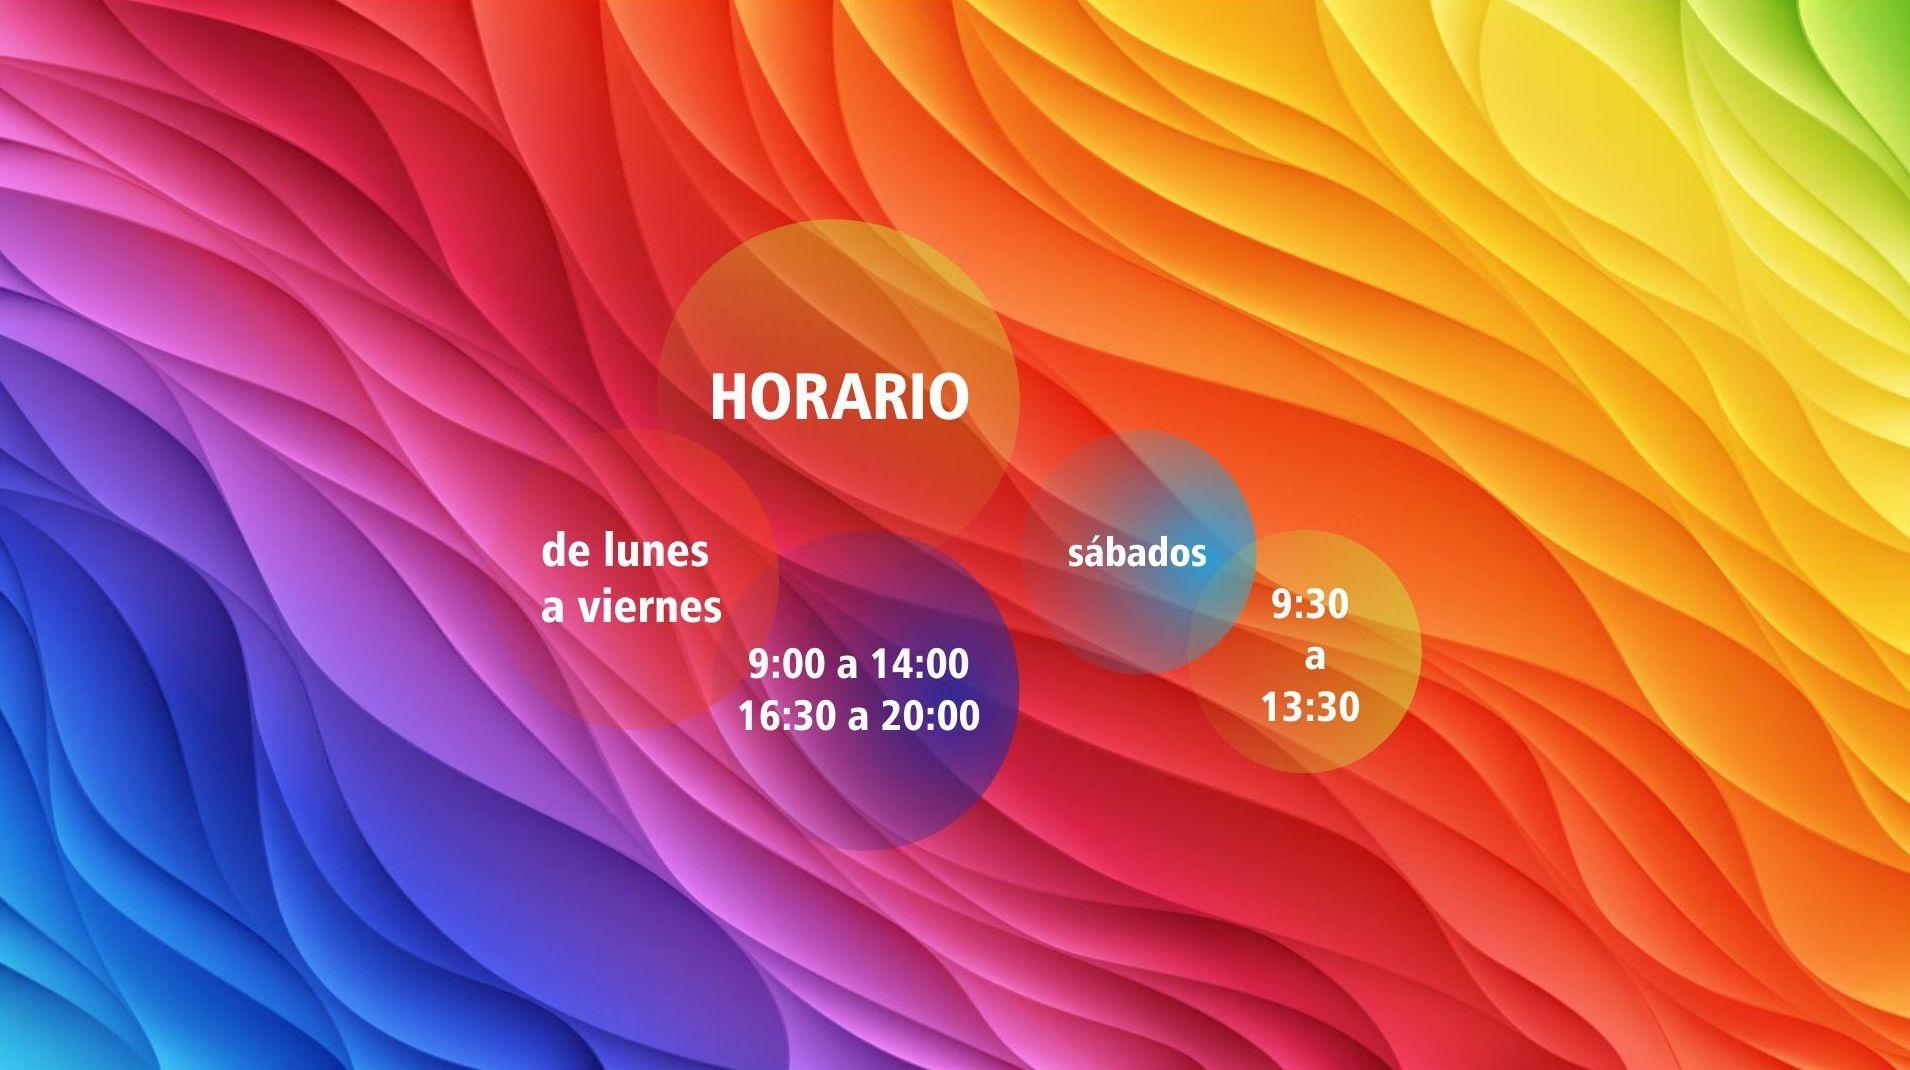 HORARIO DESESCALADA COVID 19